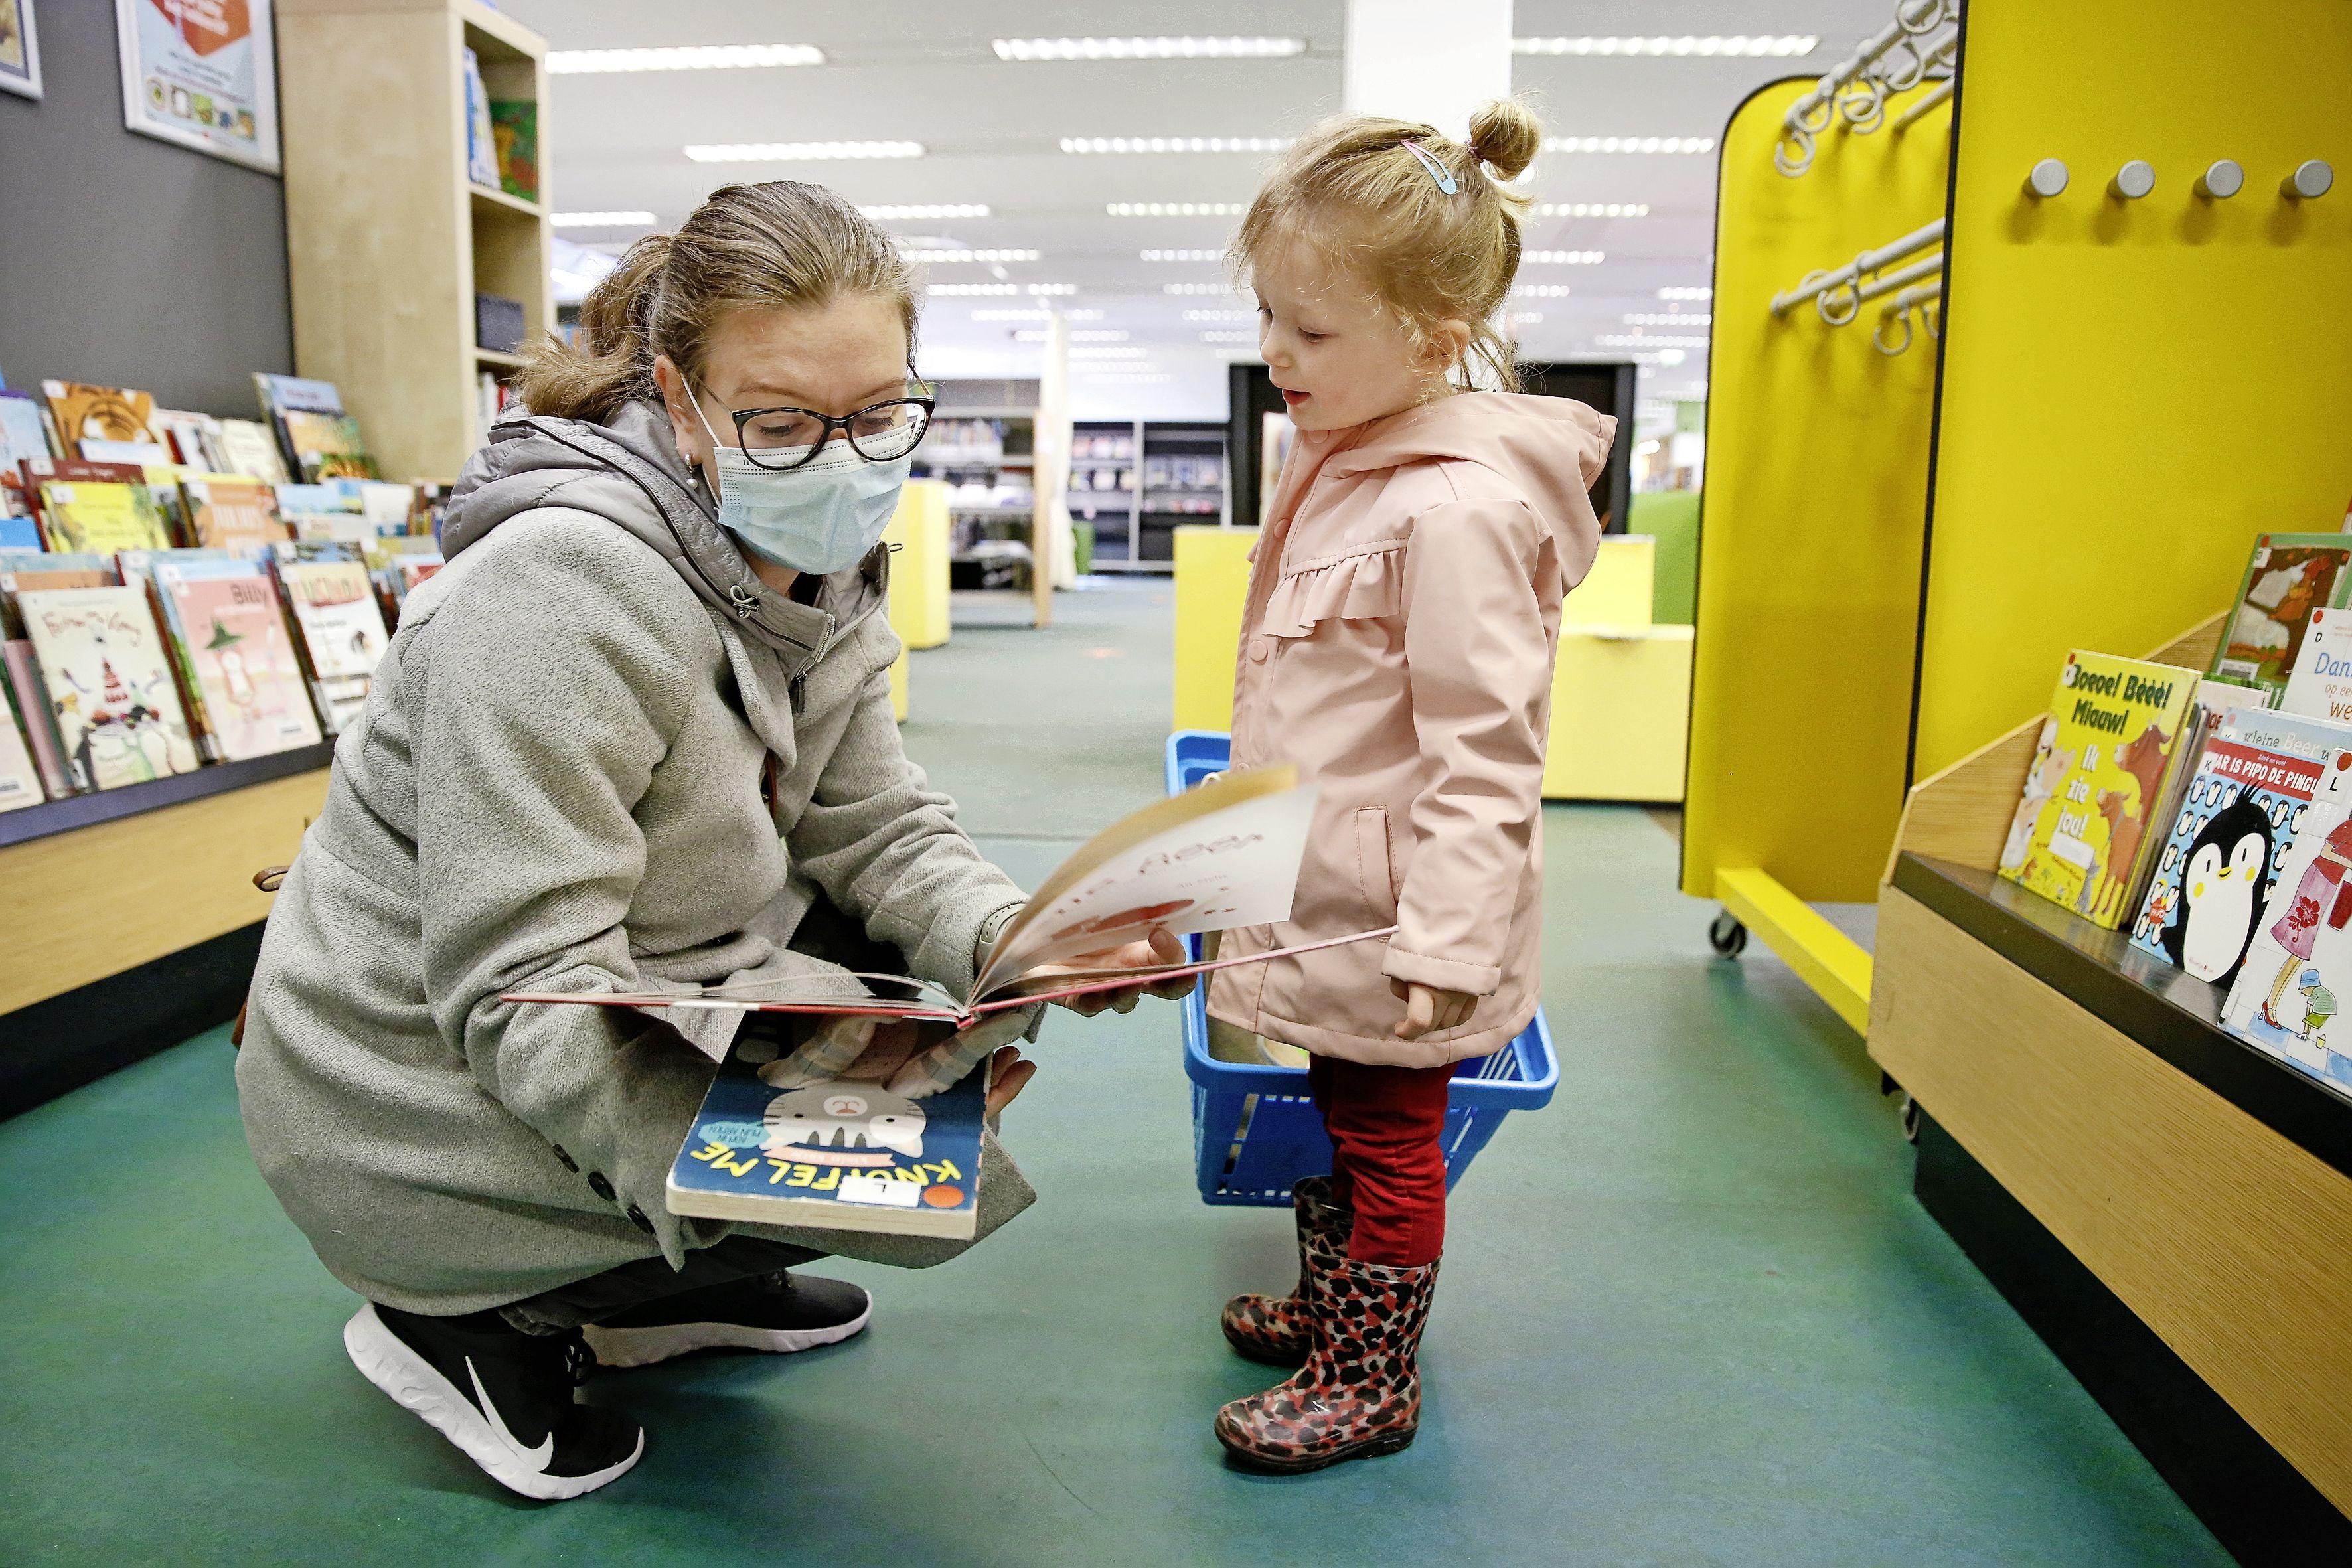 Boekenwurmen en studiebollen mogen weer; Blijdschap over heropening bibliotheek: 'Dat uurtje lezen in de bieb heb ik echt gemist'